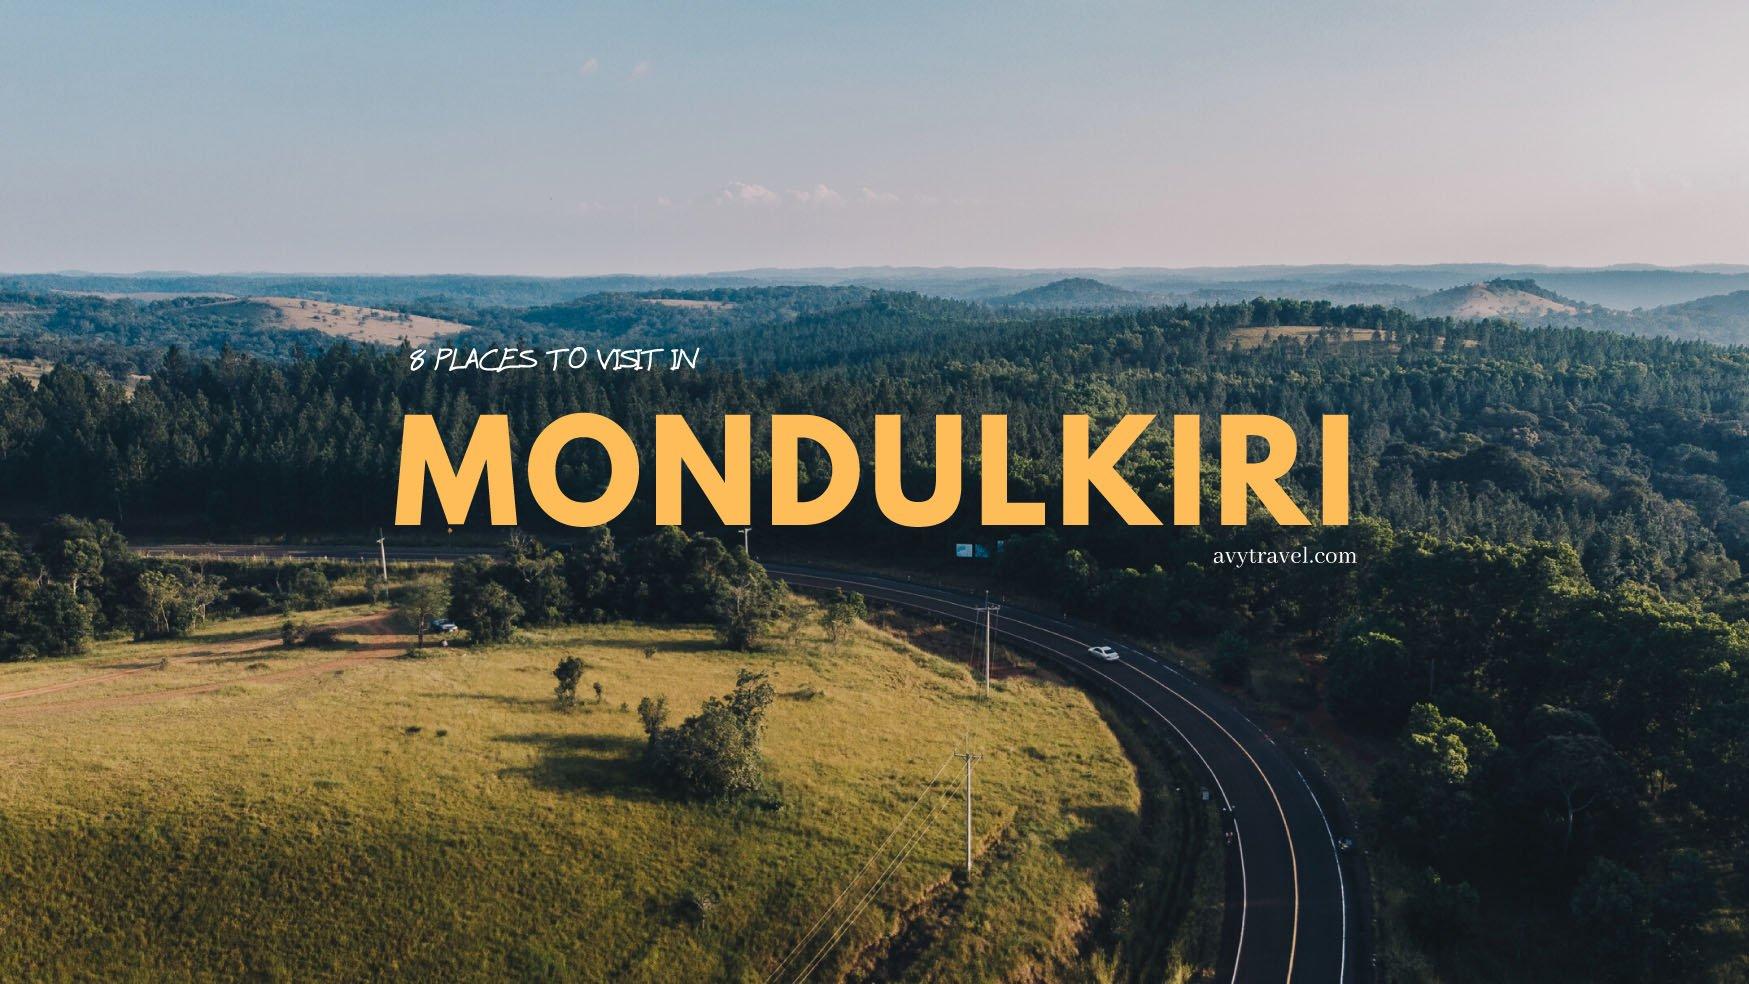 8 Places to Visit in Mondulkiri